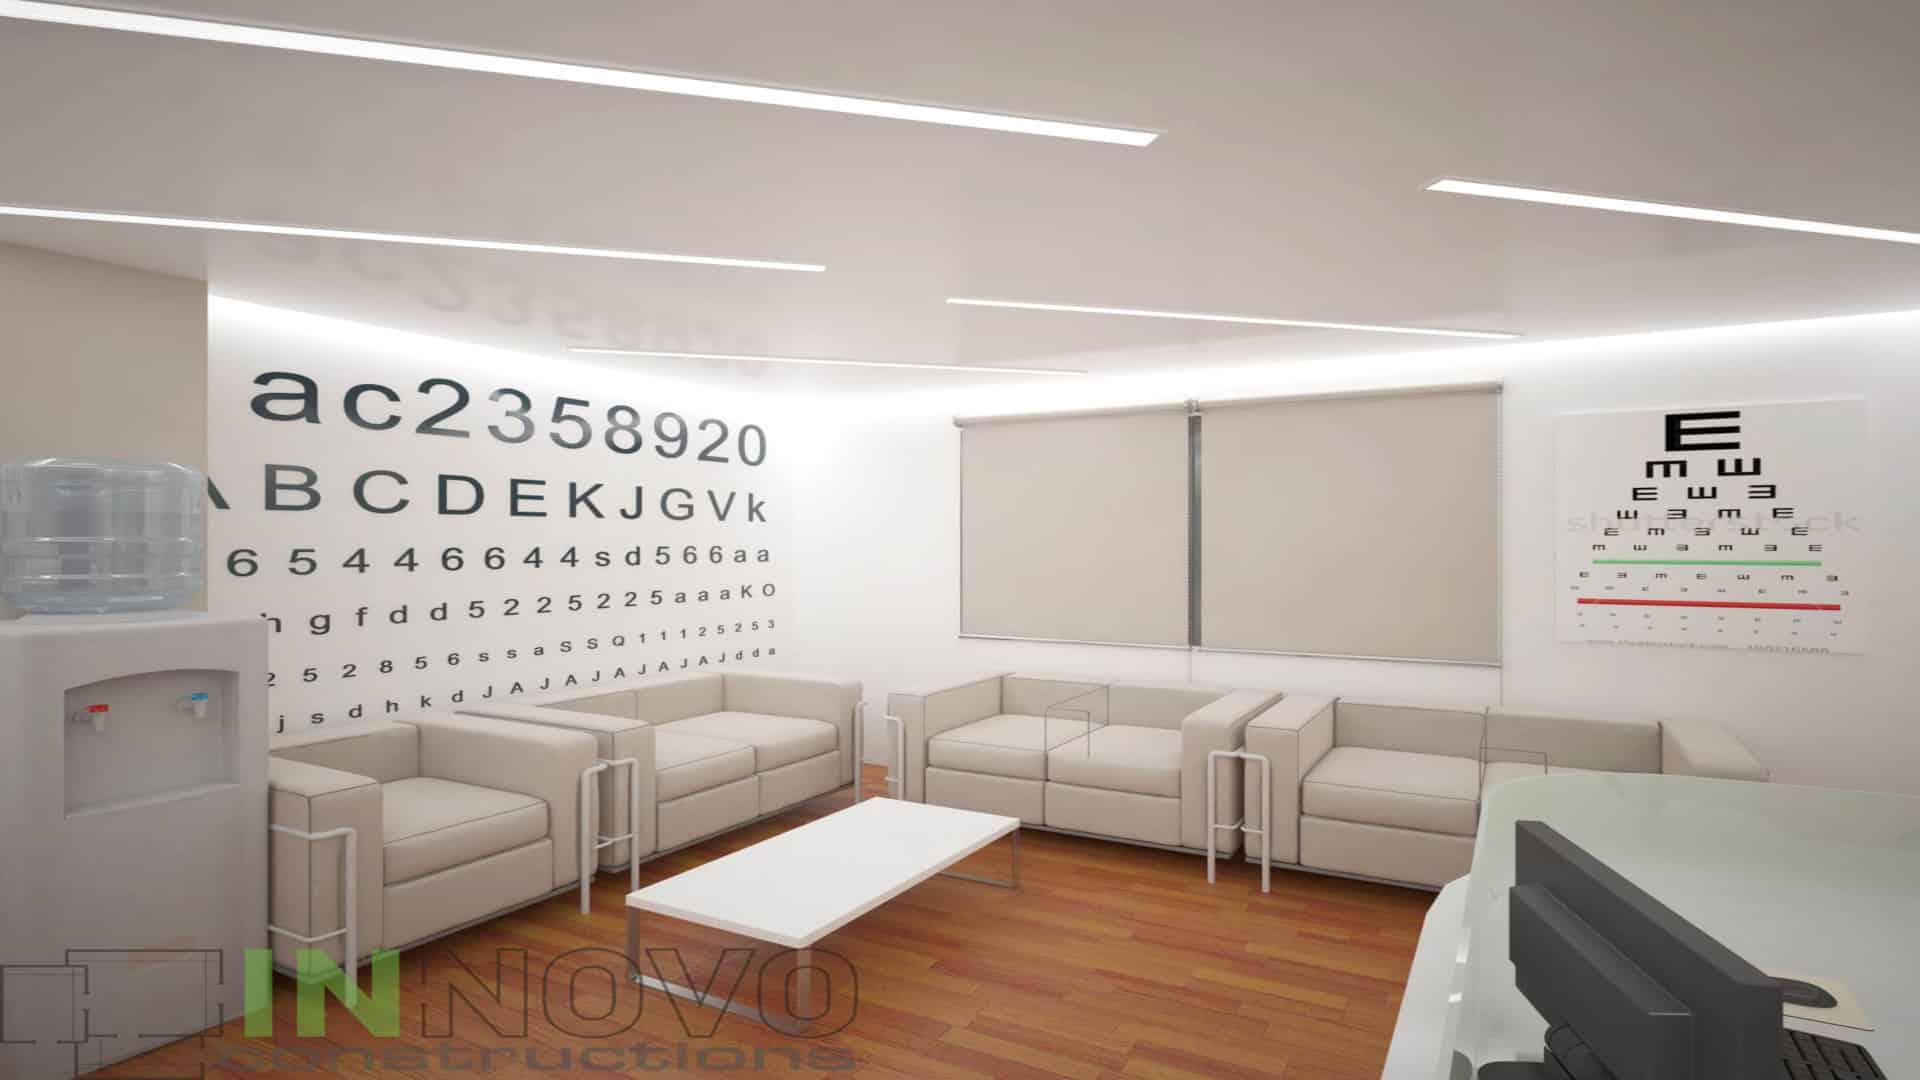 Μελέτη σχεδιασμού οφθαλμιατρείου στην Αργυρούπολη